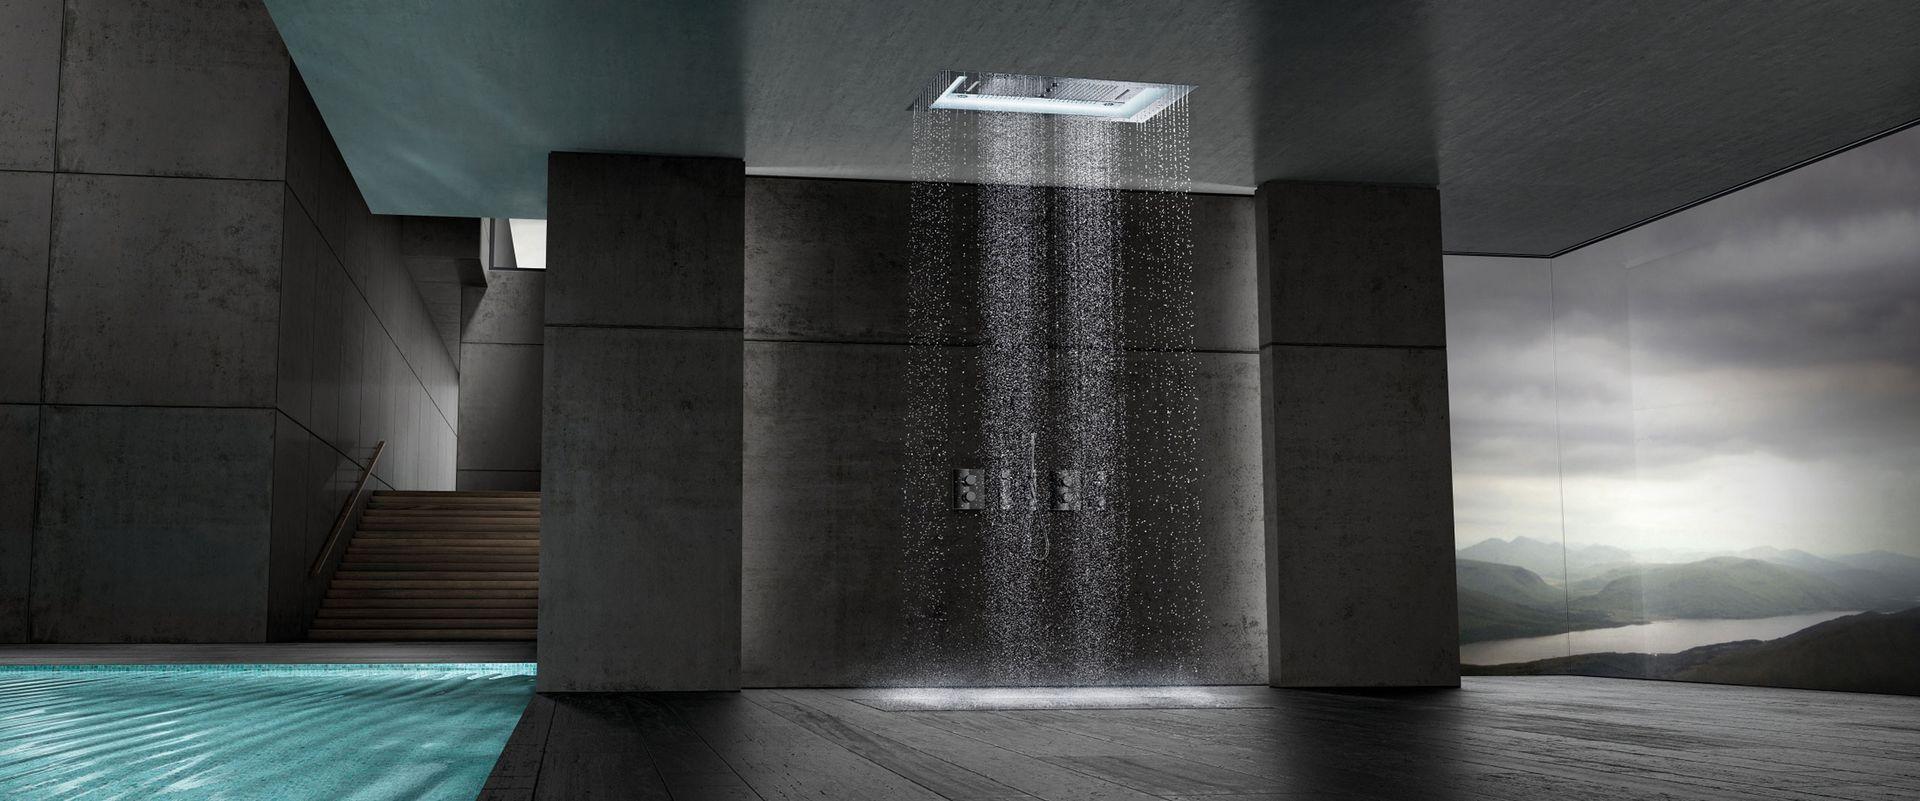 Full Size of Grohe Dusche Aquasymphony Regeneration Fr Alle Sinne Sprinz Duschen Ebenerdige Schulte Bodenebene Kosten Bidet Badewanne Mit Thermostat Ebenerdig Begehbare Dusche Grohe Dusche